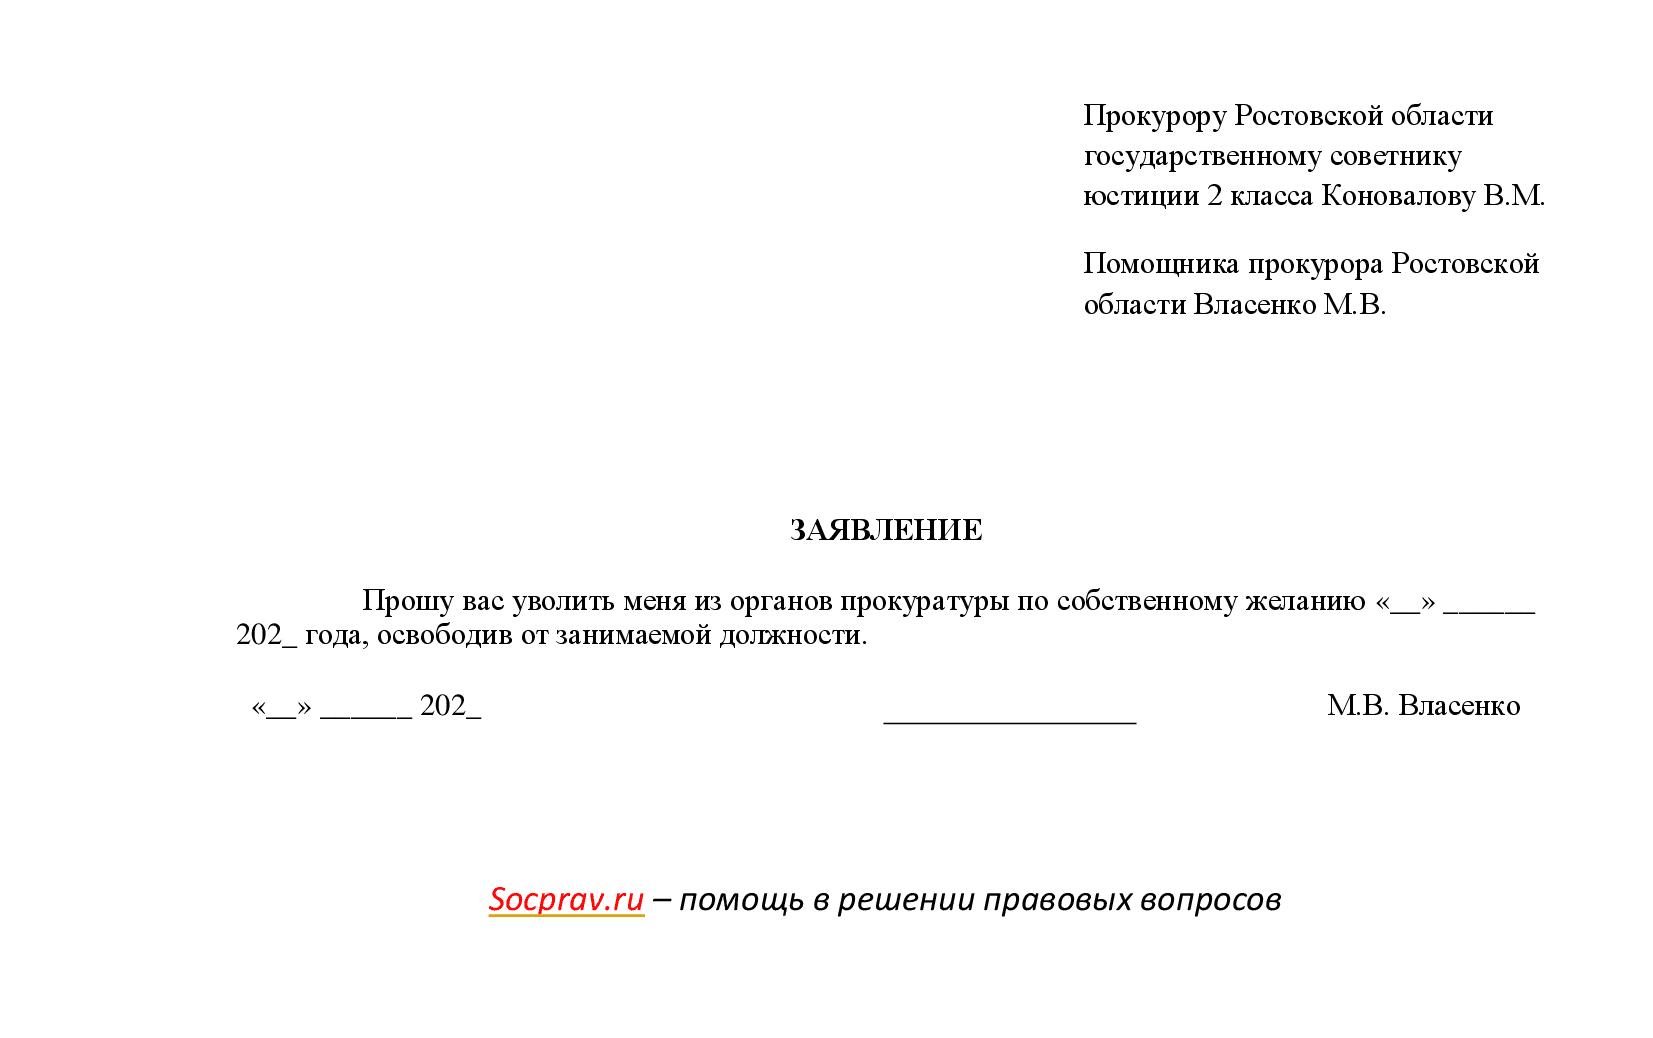 Заявление на увольнение из прокуратуры по собственному желанию